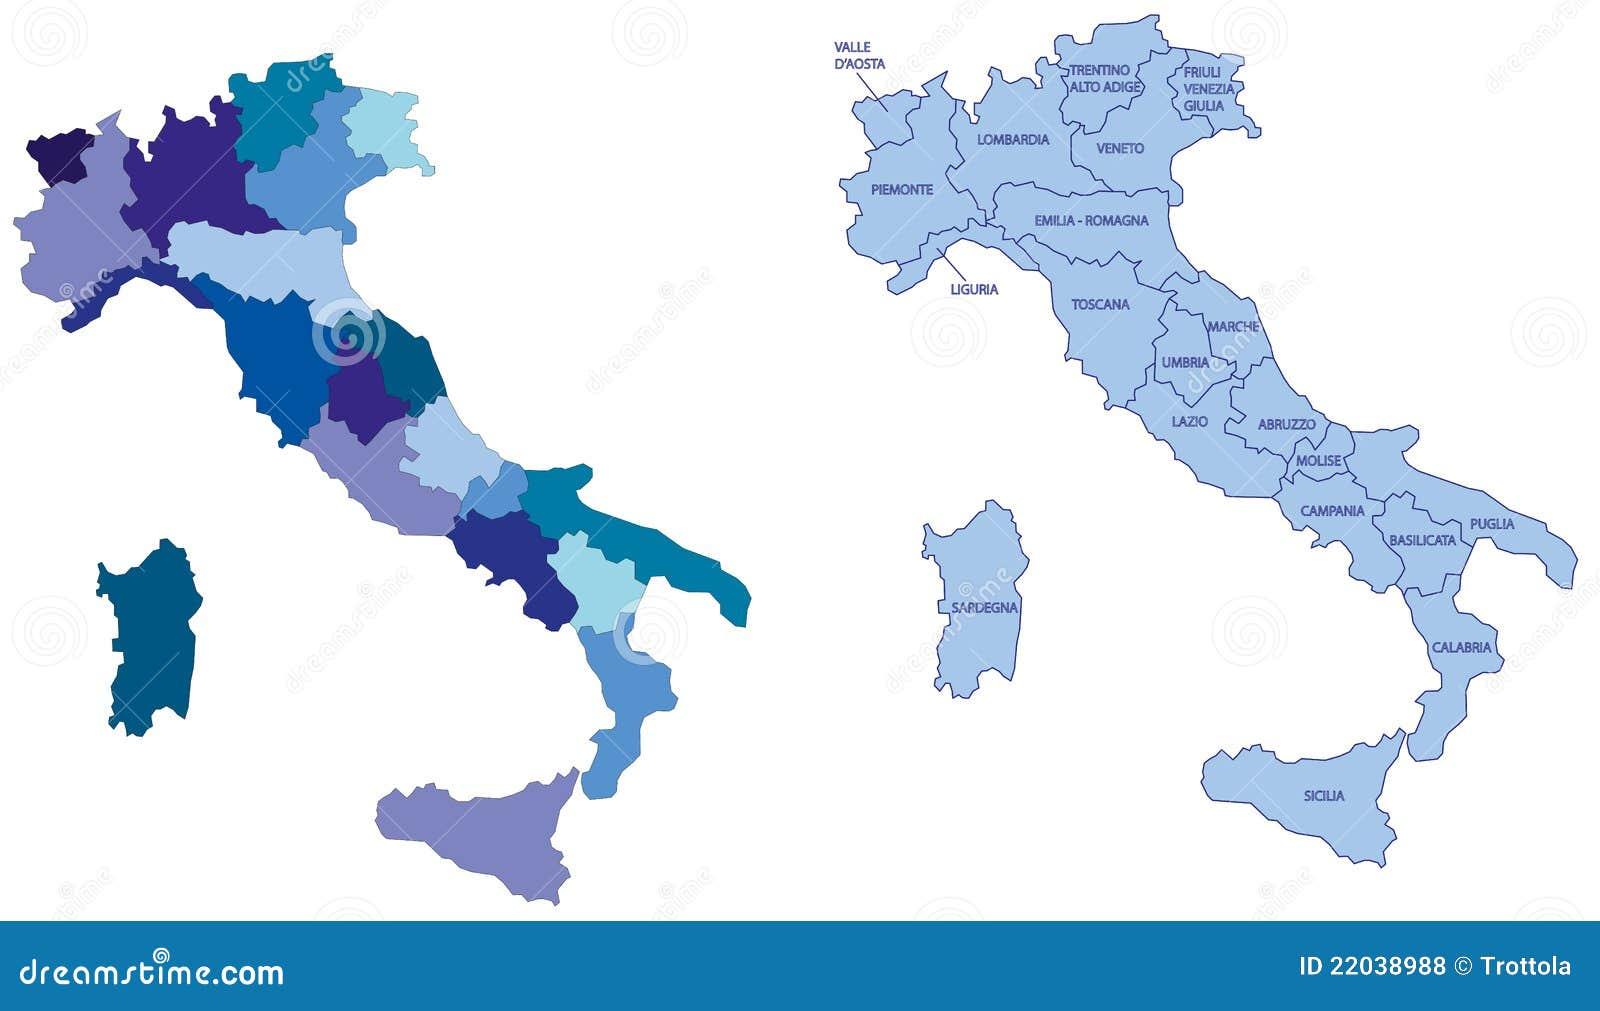 Italien Karte Regionen.Italien Karte Mit Regionen Stock Abbildung Illustration Von Weiß